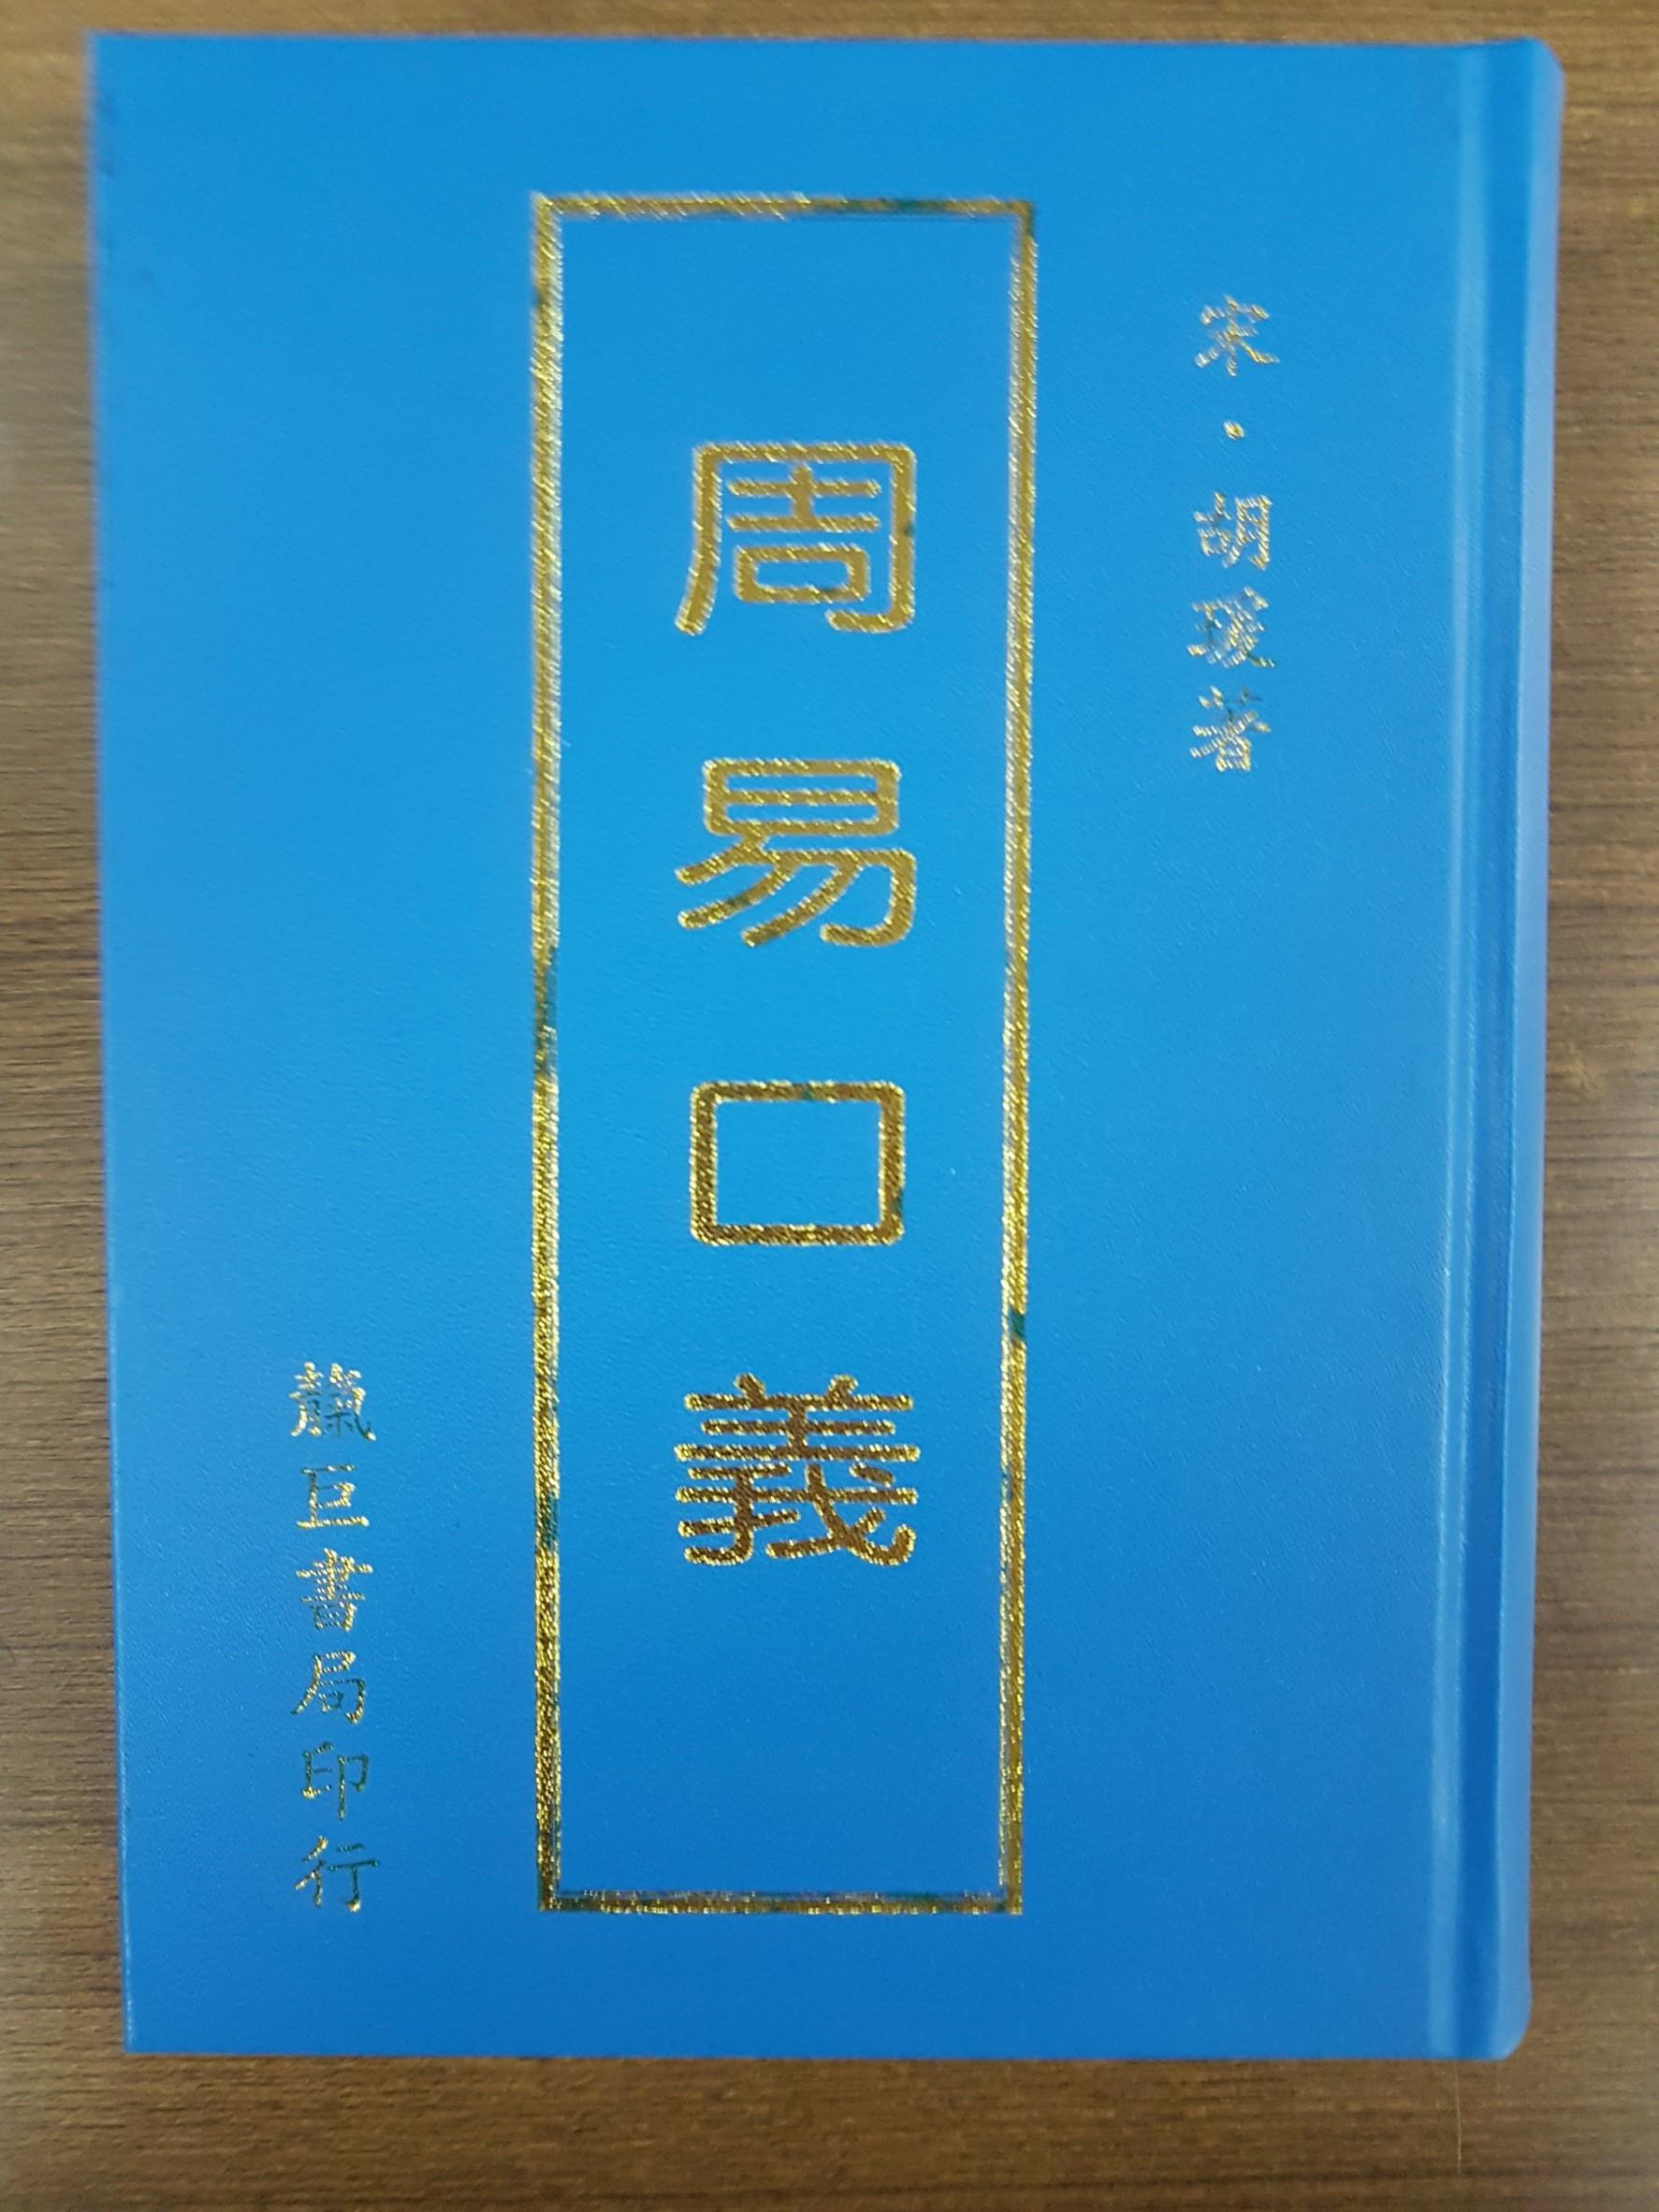 周易口義 (K39)